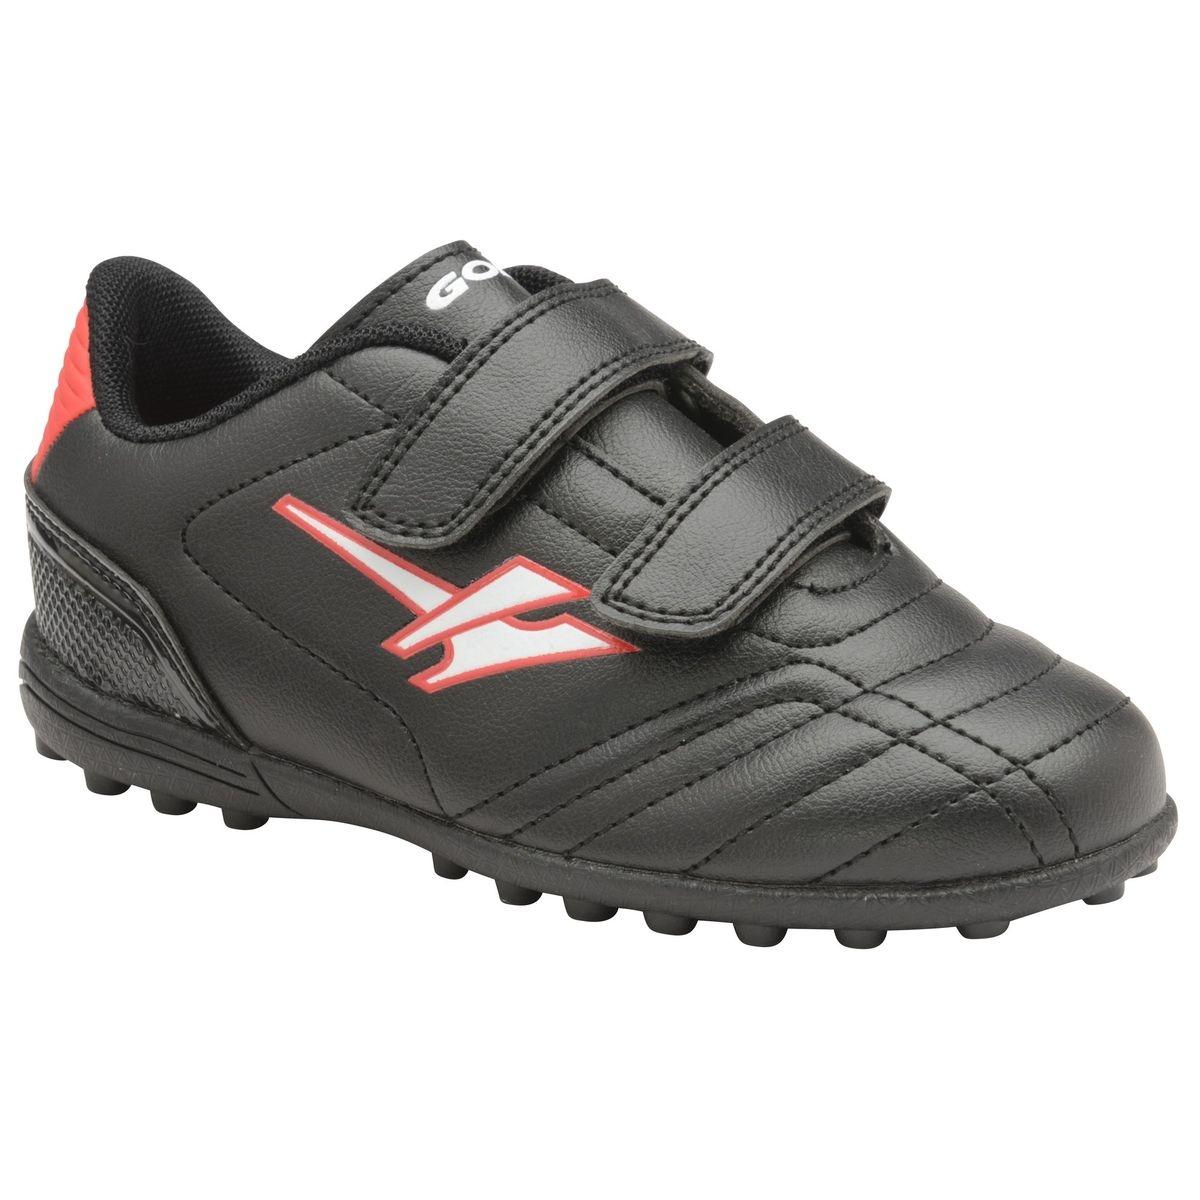 chaussures de sport Garçon Magnaz VX